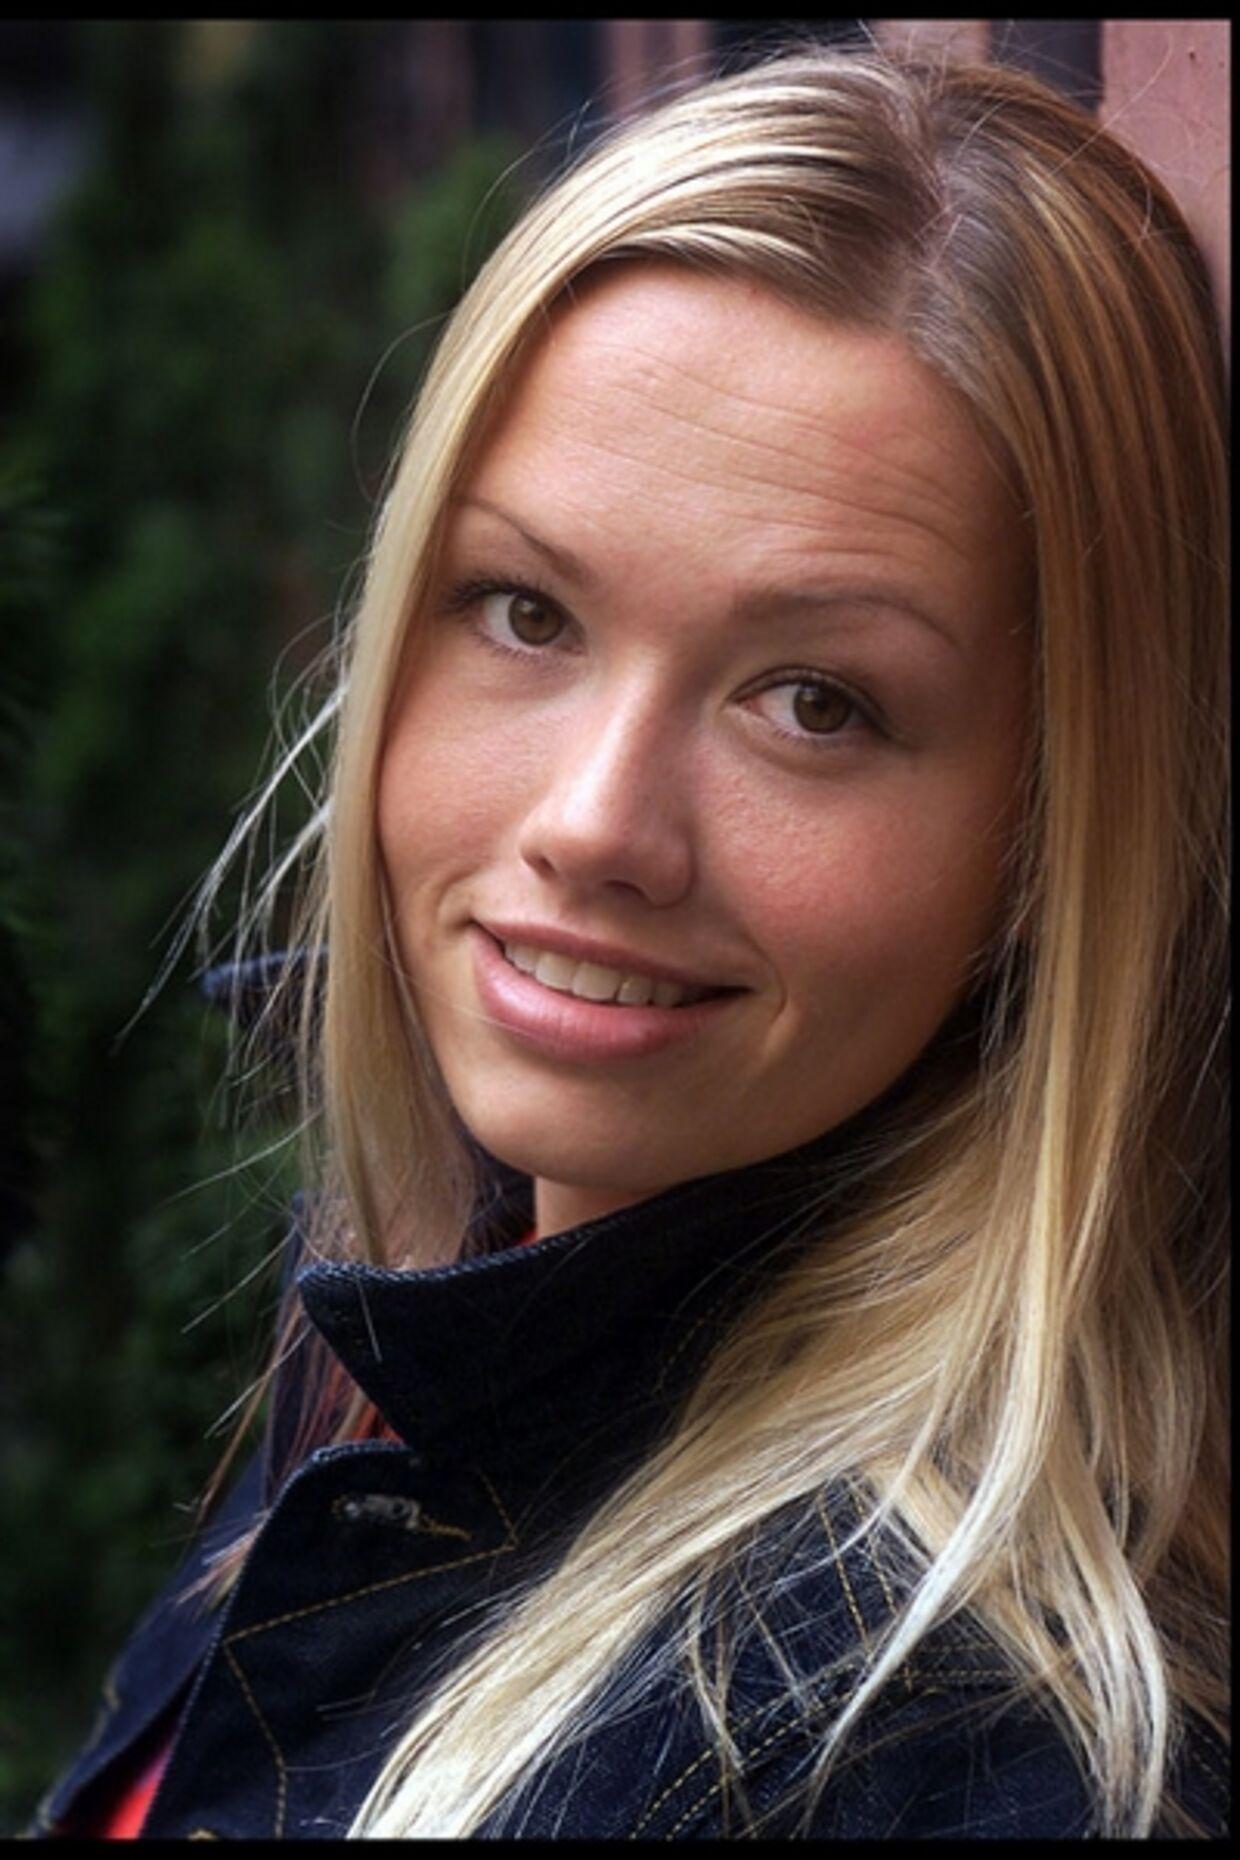 Trine Jepsen har forladt farmer-reality-serien 'Bonde søger brud' og helliger sig sin musicalkarriere.